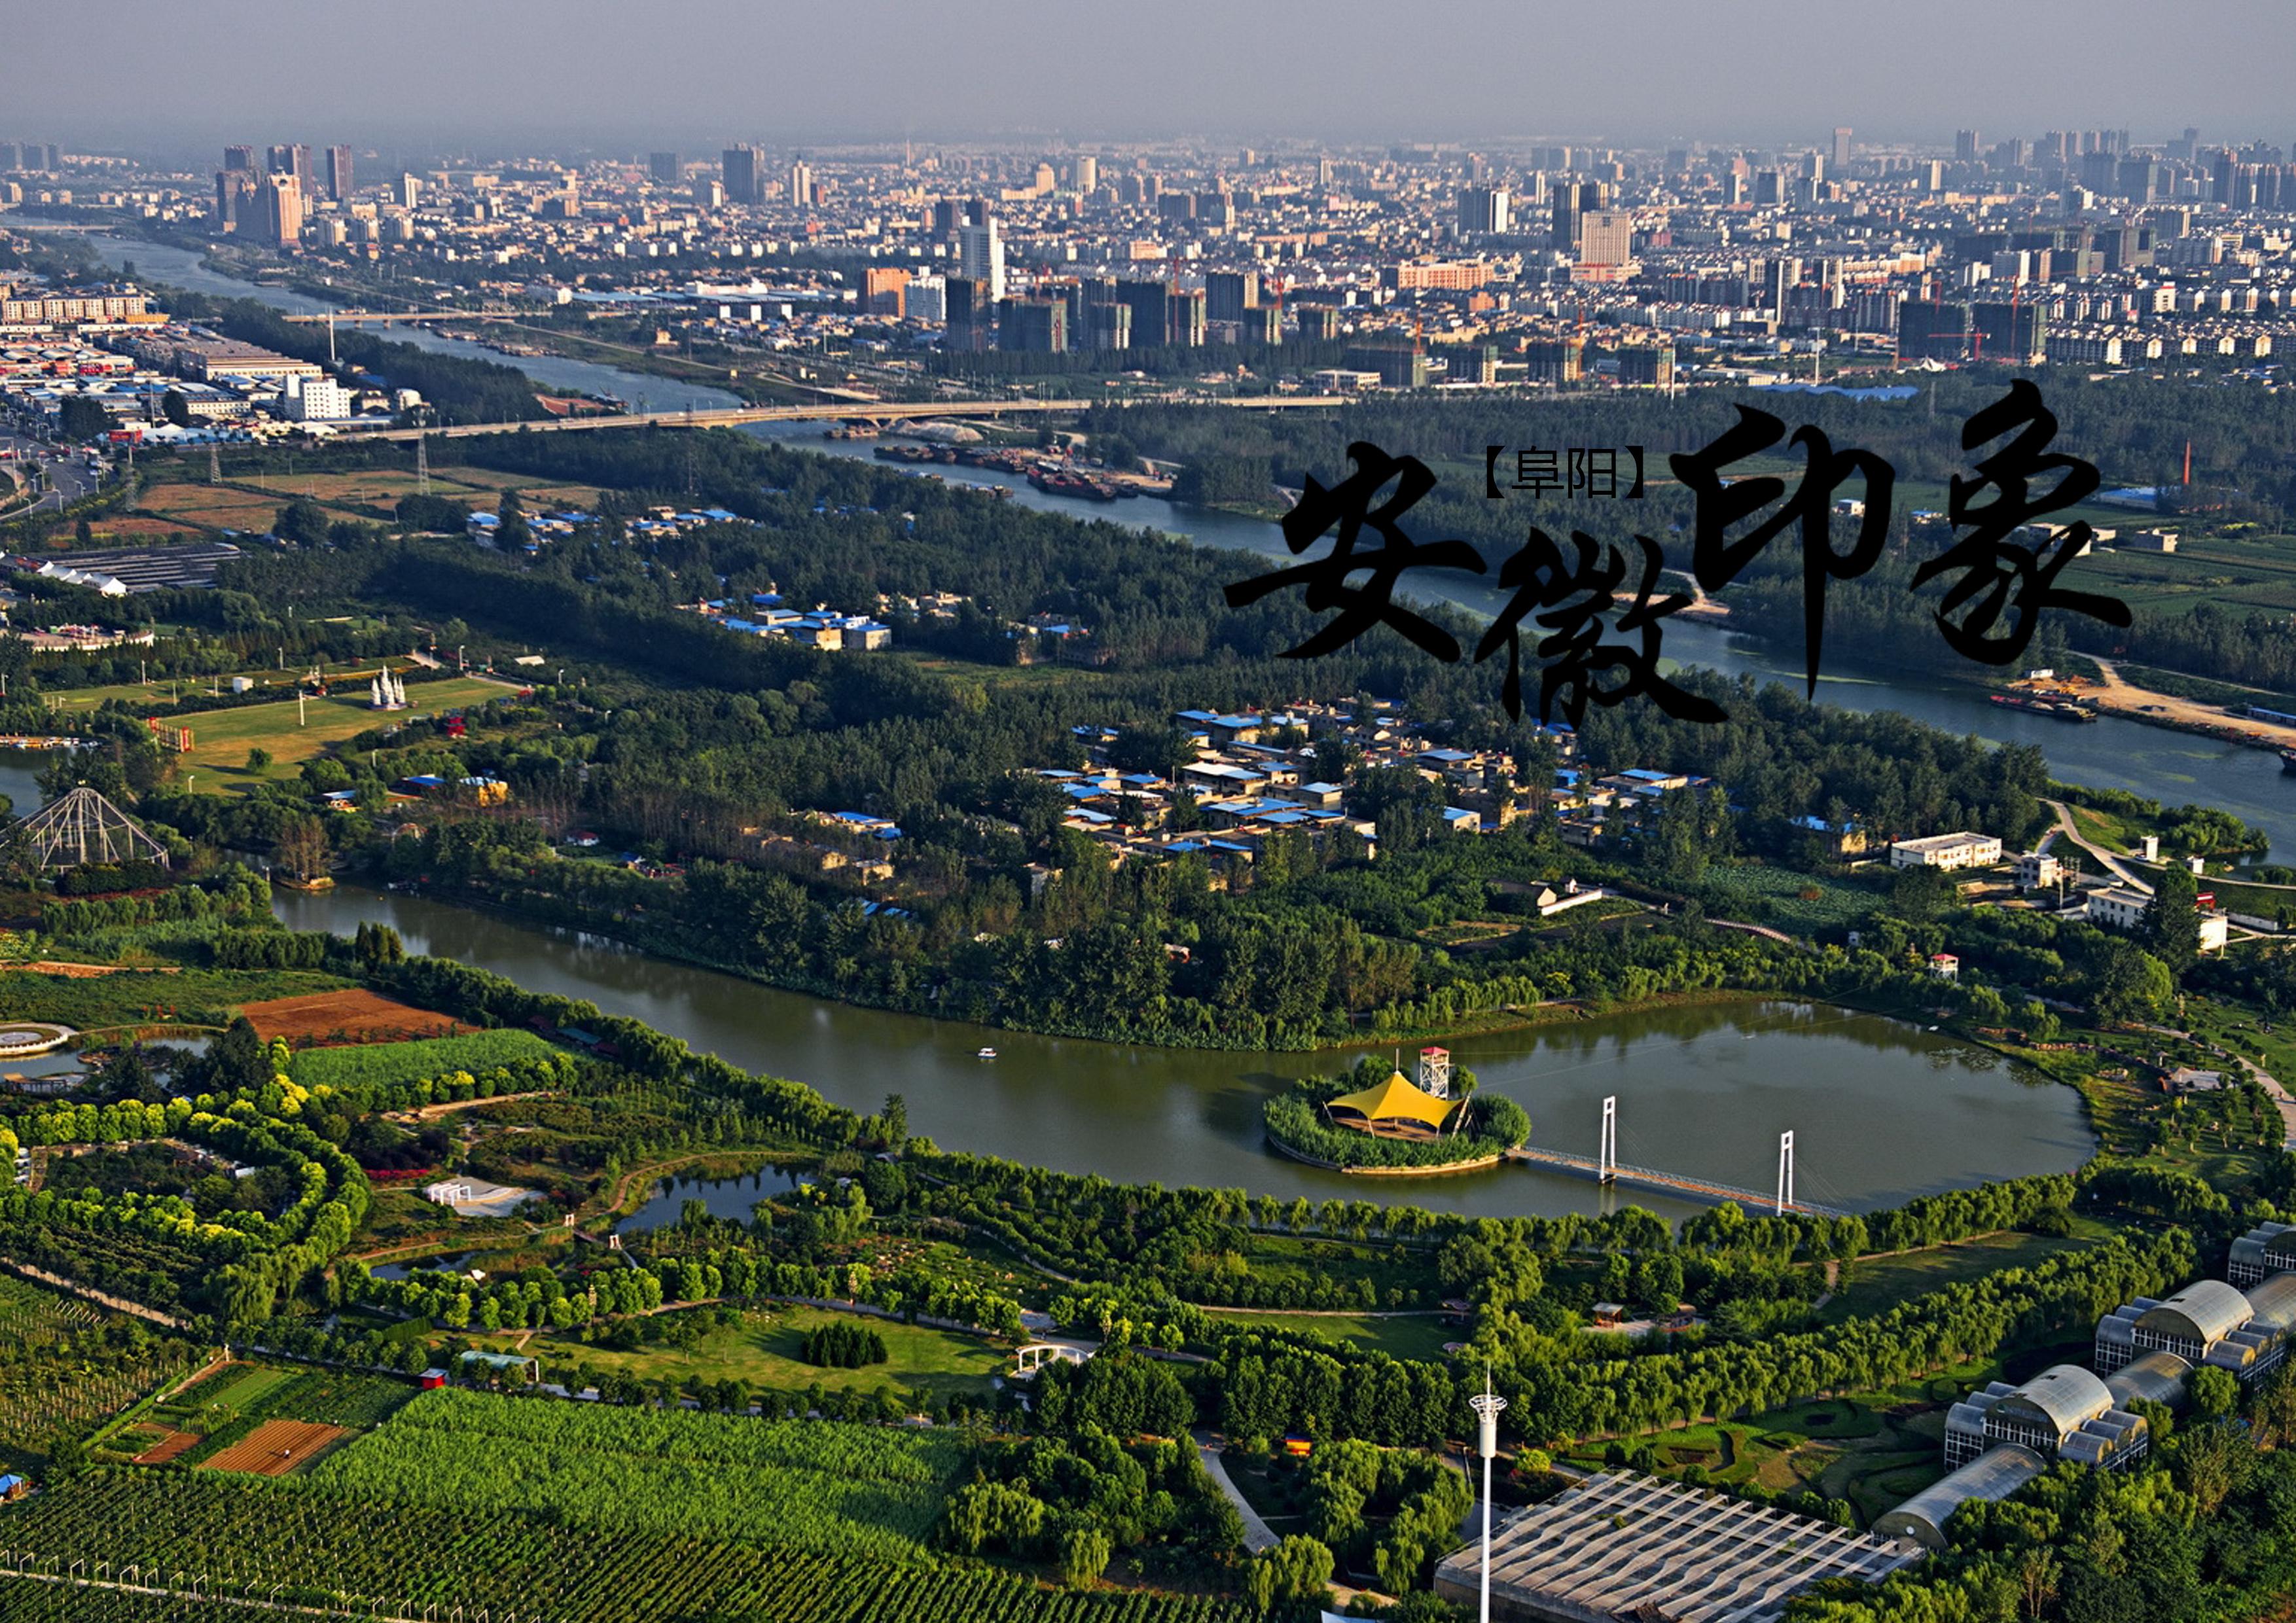 安徽阜阳景点|平面|书装/画册|浅墨幺幺 - 原创作品